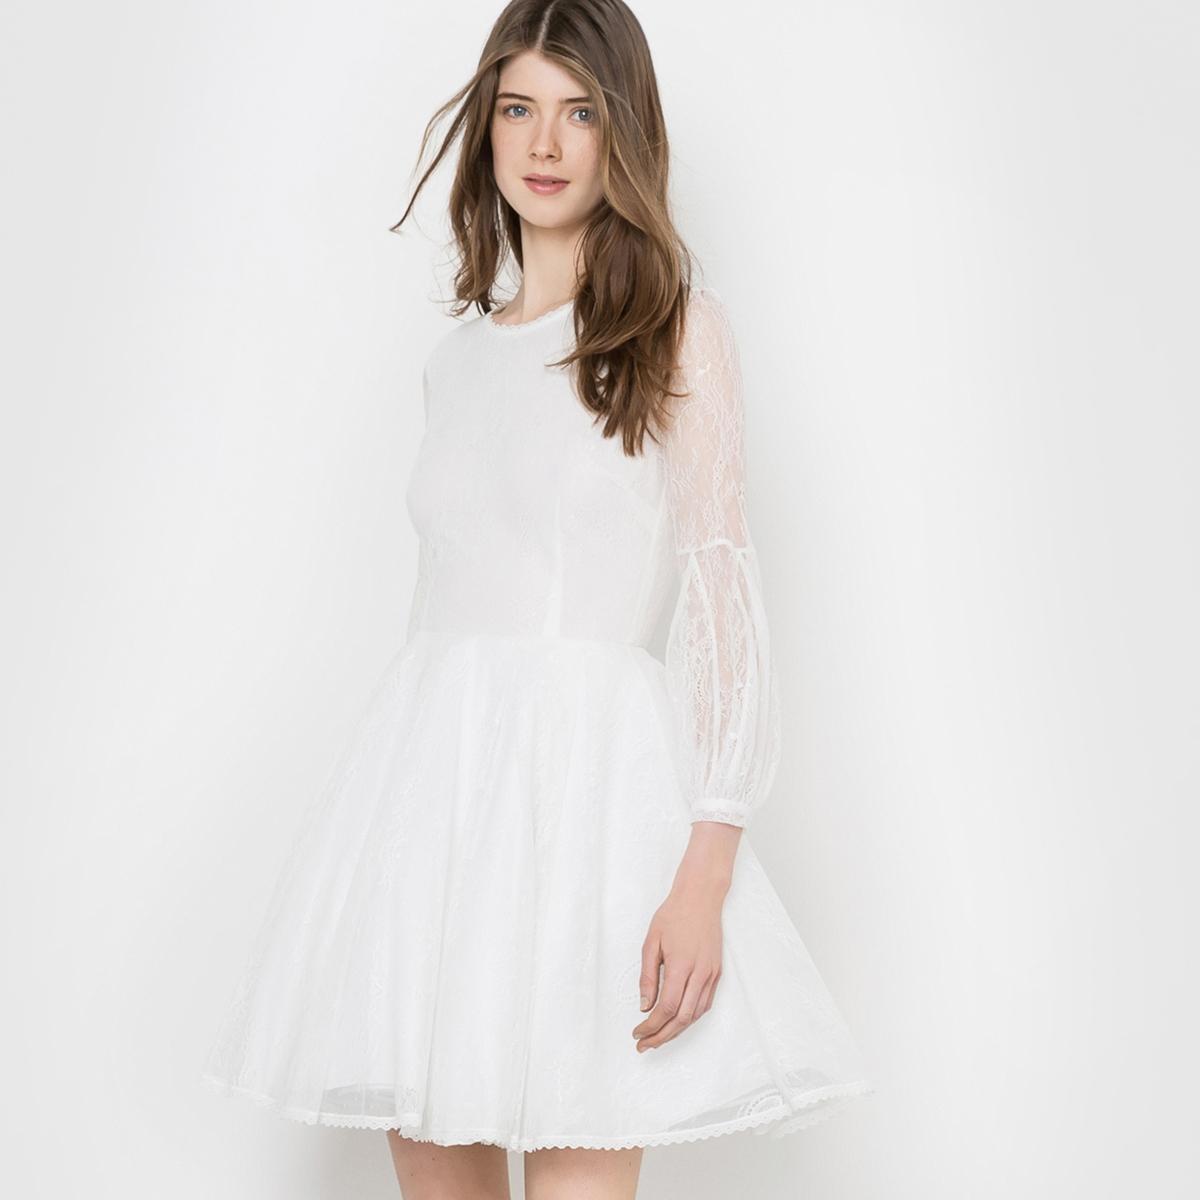 Платье расклешенноеКружевное платье. Круглый вырез. Длинные рукава, присборенные у манжет с пуговицами, для создания небольшого объема. Молния сзади.Состав и описаниеМатериал: 100% полиамида.Подкладка: 100% вискозы.Тюль: 100% полиамида.Длина: 90 см.Марка: DELPHINE MANIVET  УходРекомендована сухая (химическая) чистка - Не отбеливать - Гладить на низкой температуре -Машинная сушка запрещена.<br><br>Цвет: экрю<br>Размер: 40 (FR) - 46 (RUS)